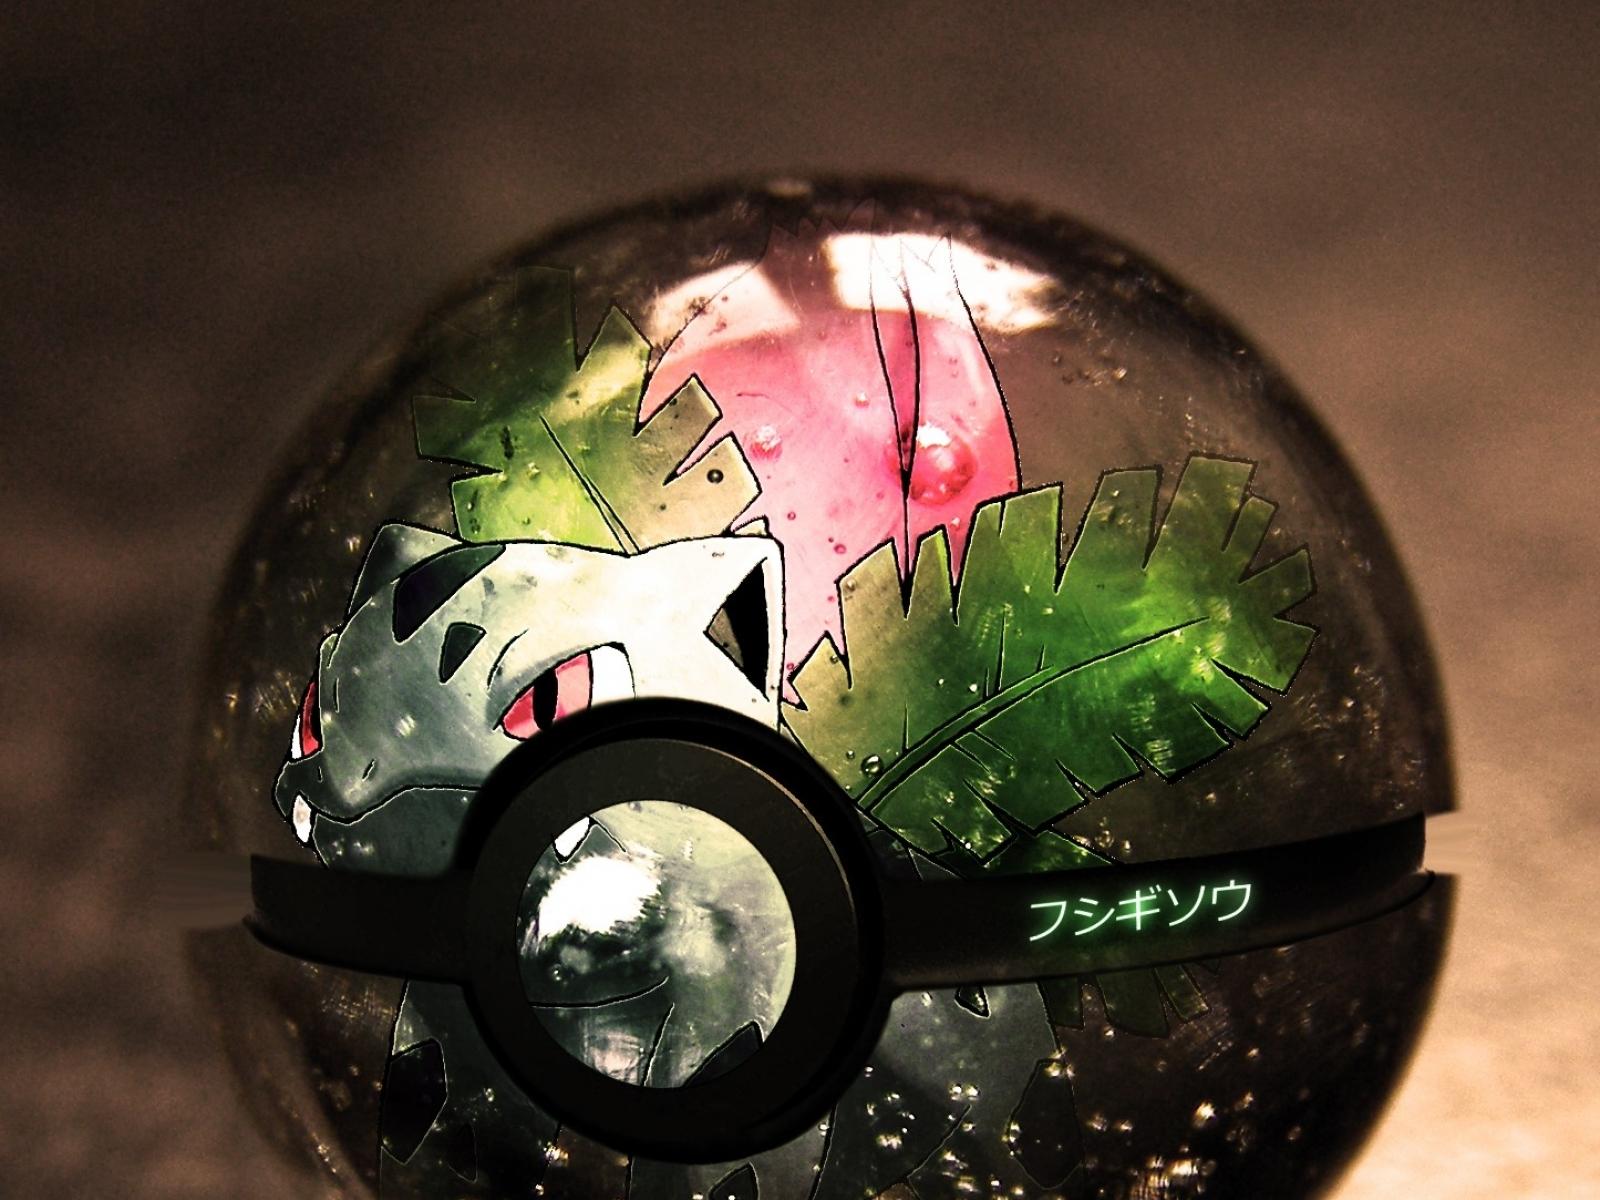 Pokemon Iphone 5 Wallpaper Pok 233 Mon Fondo De Pantalla And Fondo De Escritorio